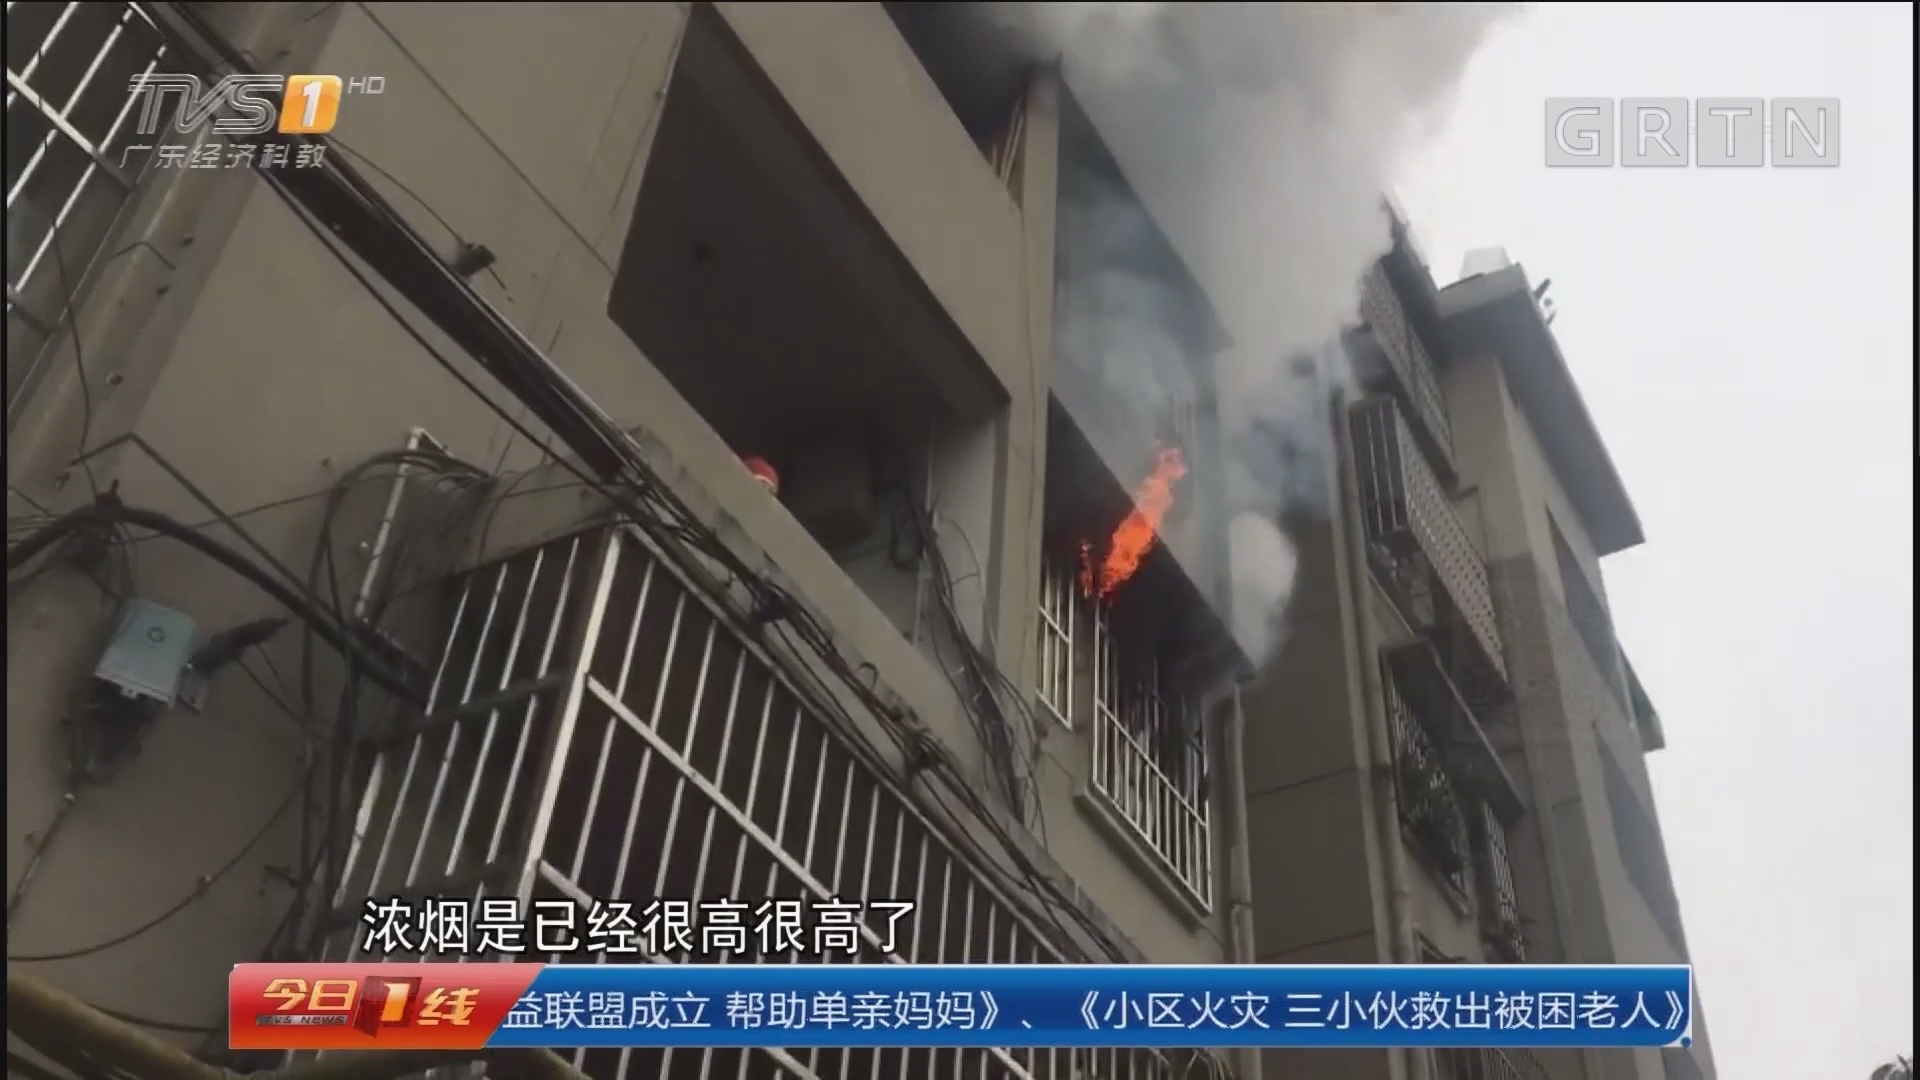 家电安全:十二辆消防车扑救火灾 源起电吹风